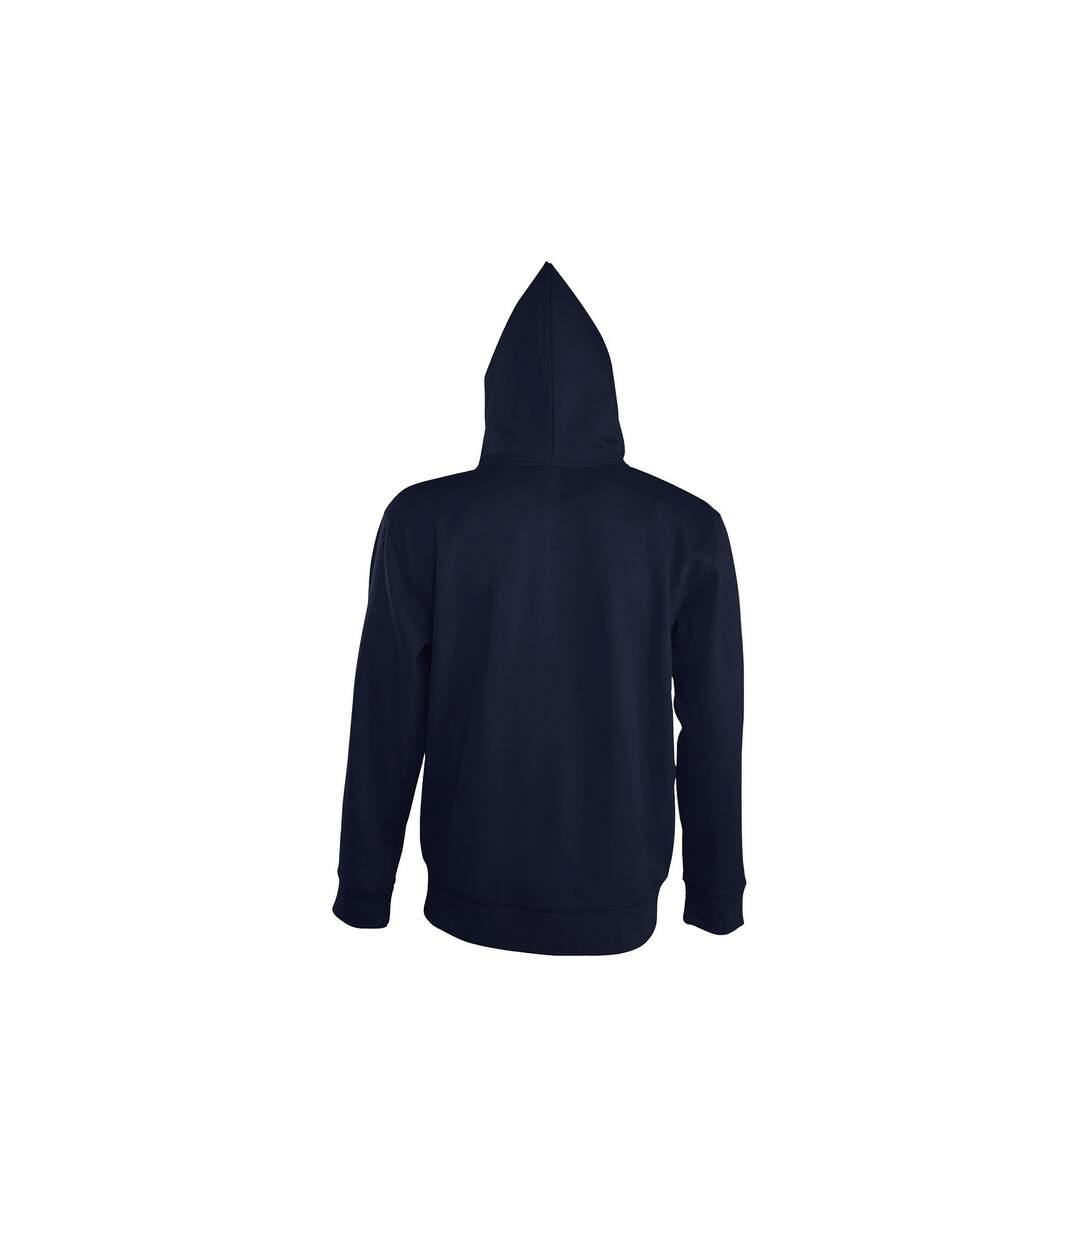 SOLS Mens Seven Full Zip Hooded Sweatshirt / Hoodie (French Navy) - UTPC340